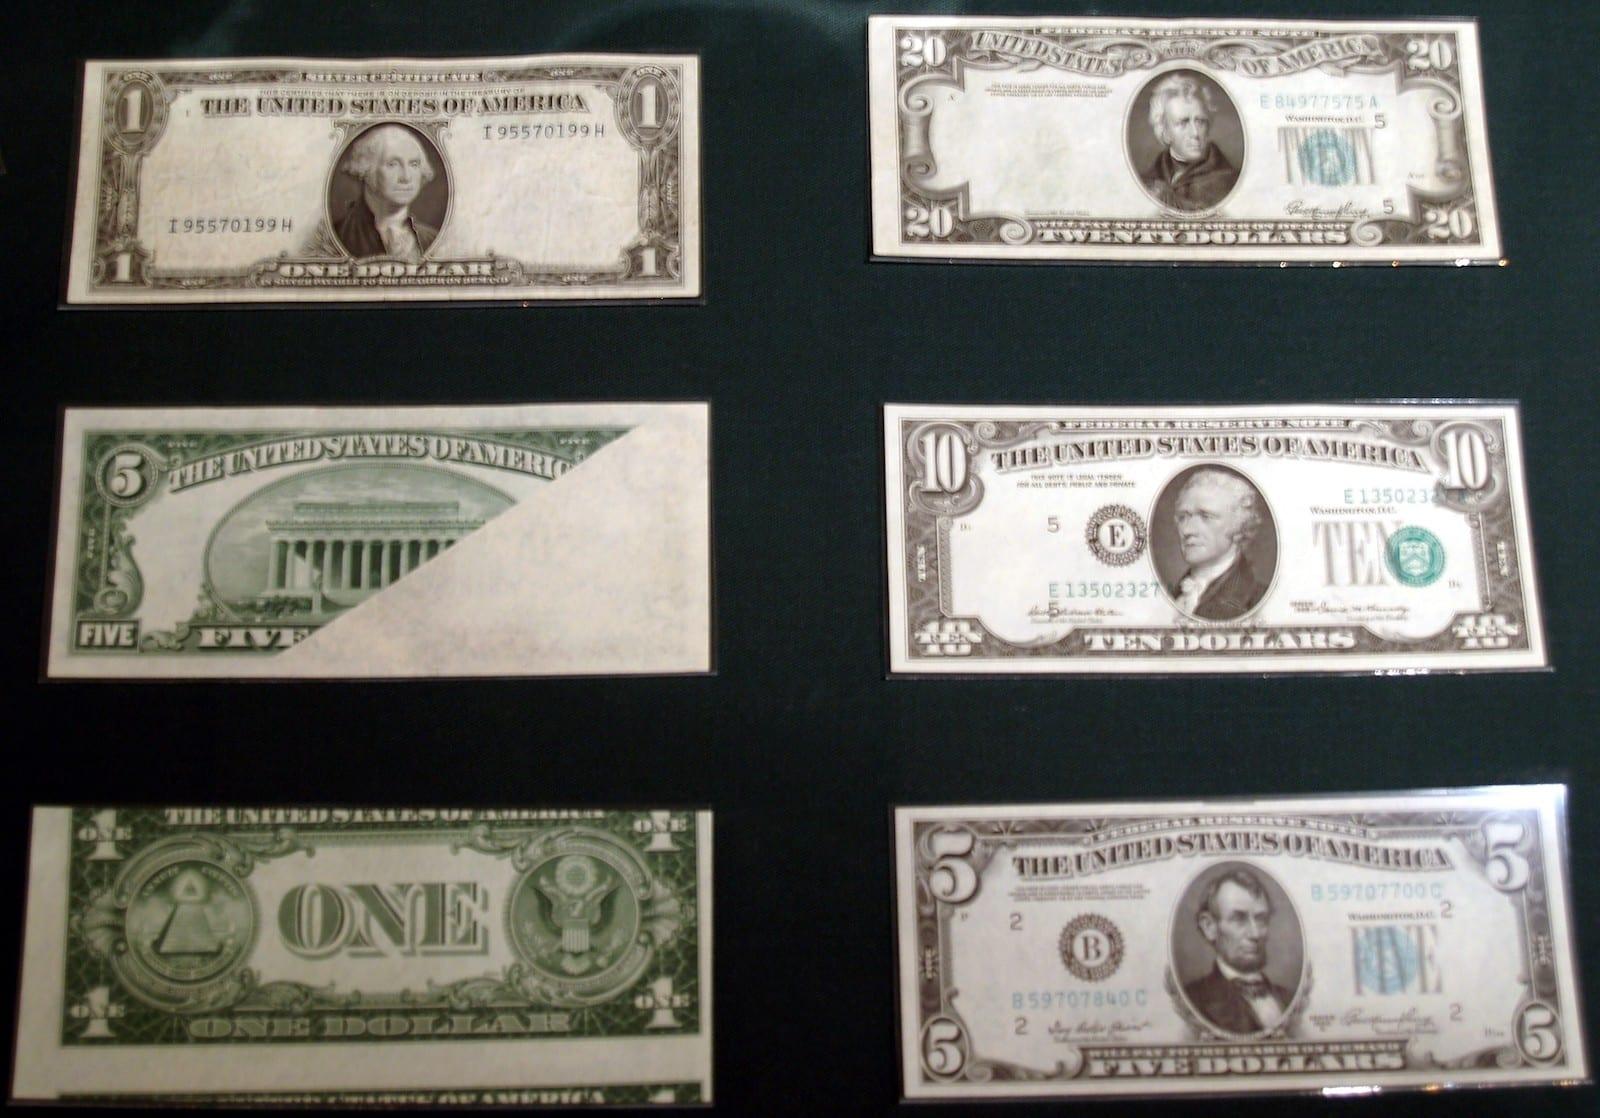 Colorado Springs Money Museum U.S. Currency Error Notes